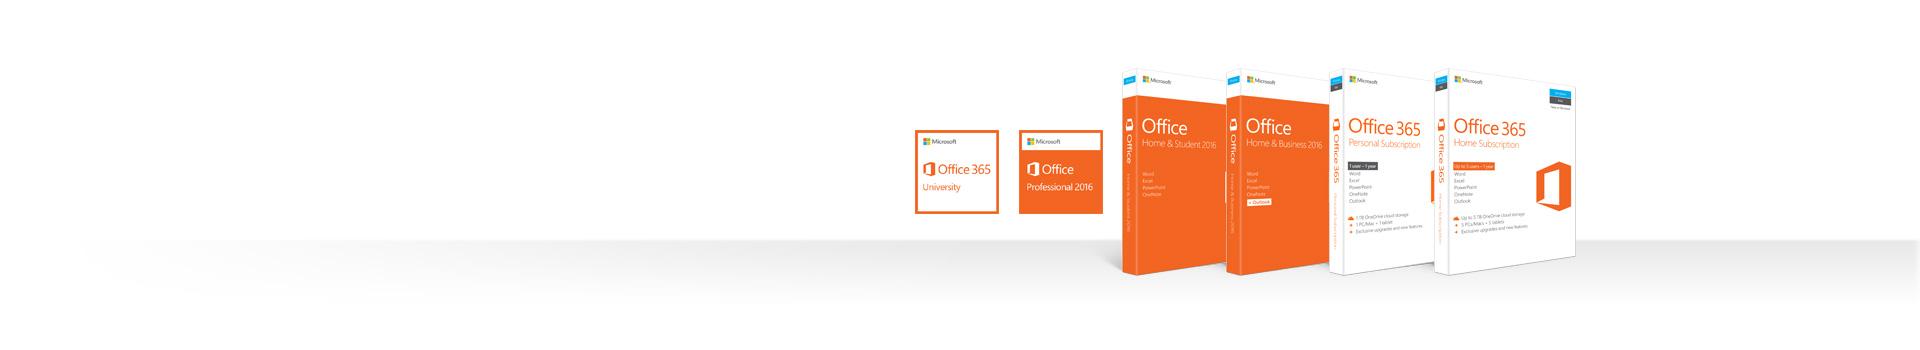 Rząd opakowań produktów Office 2016 i usługi Office 365 dla komputerów PC